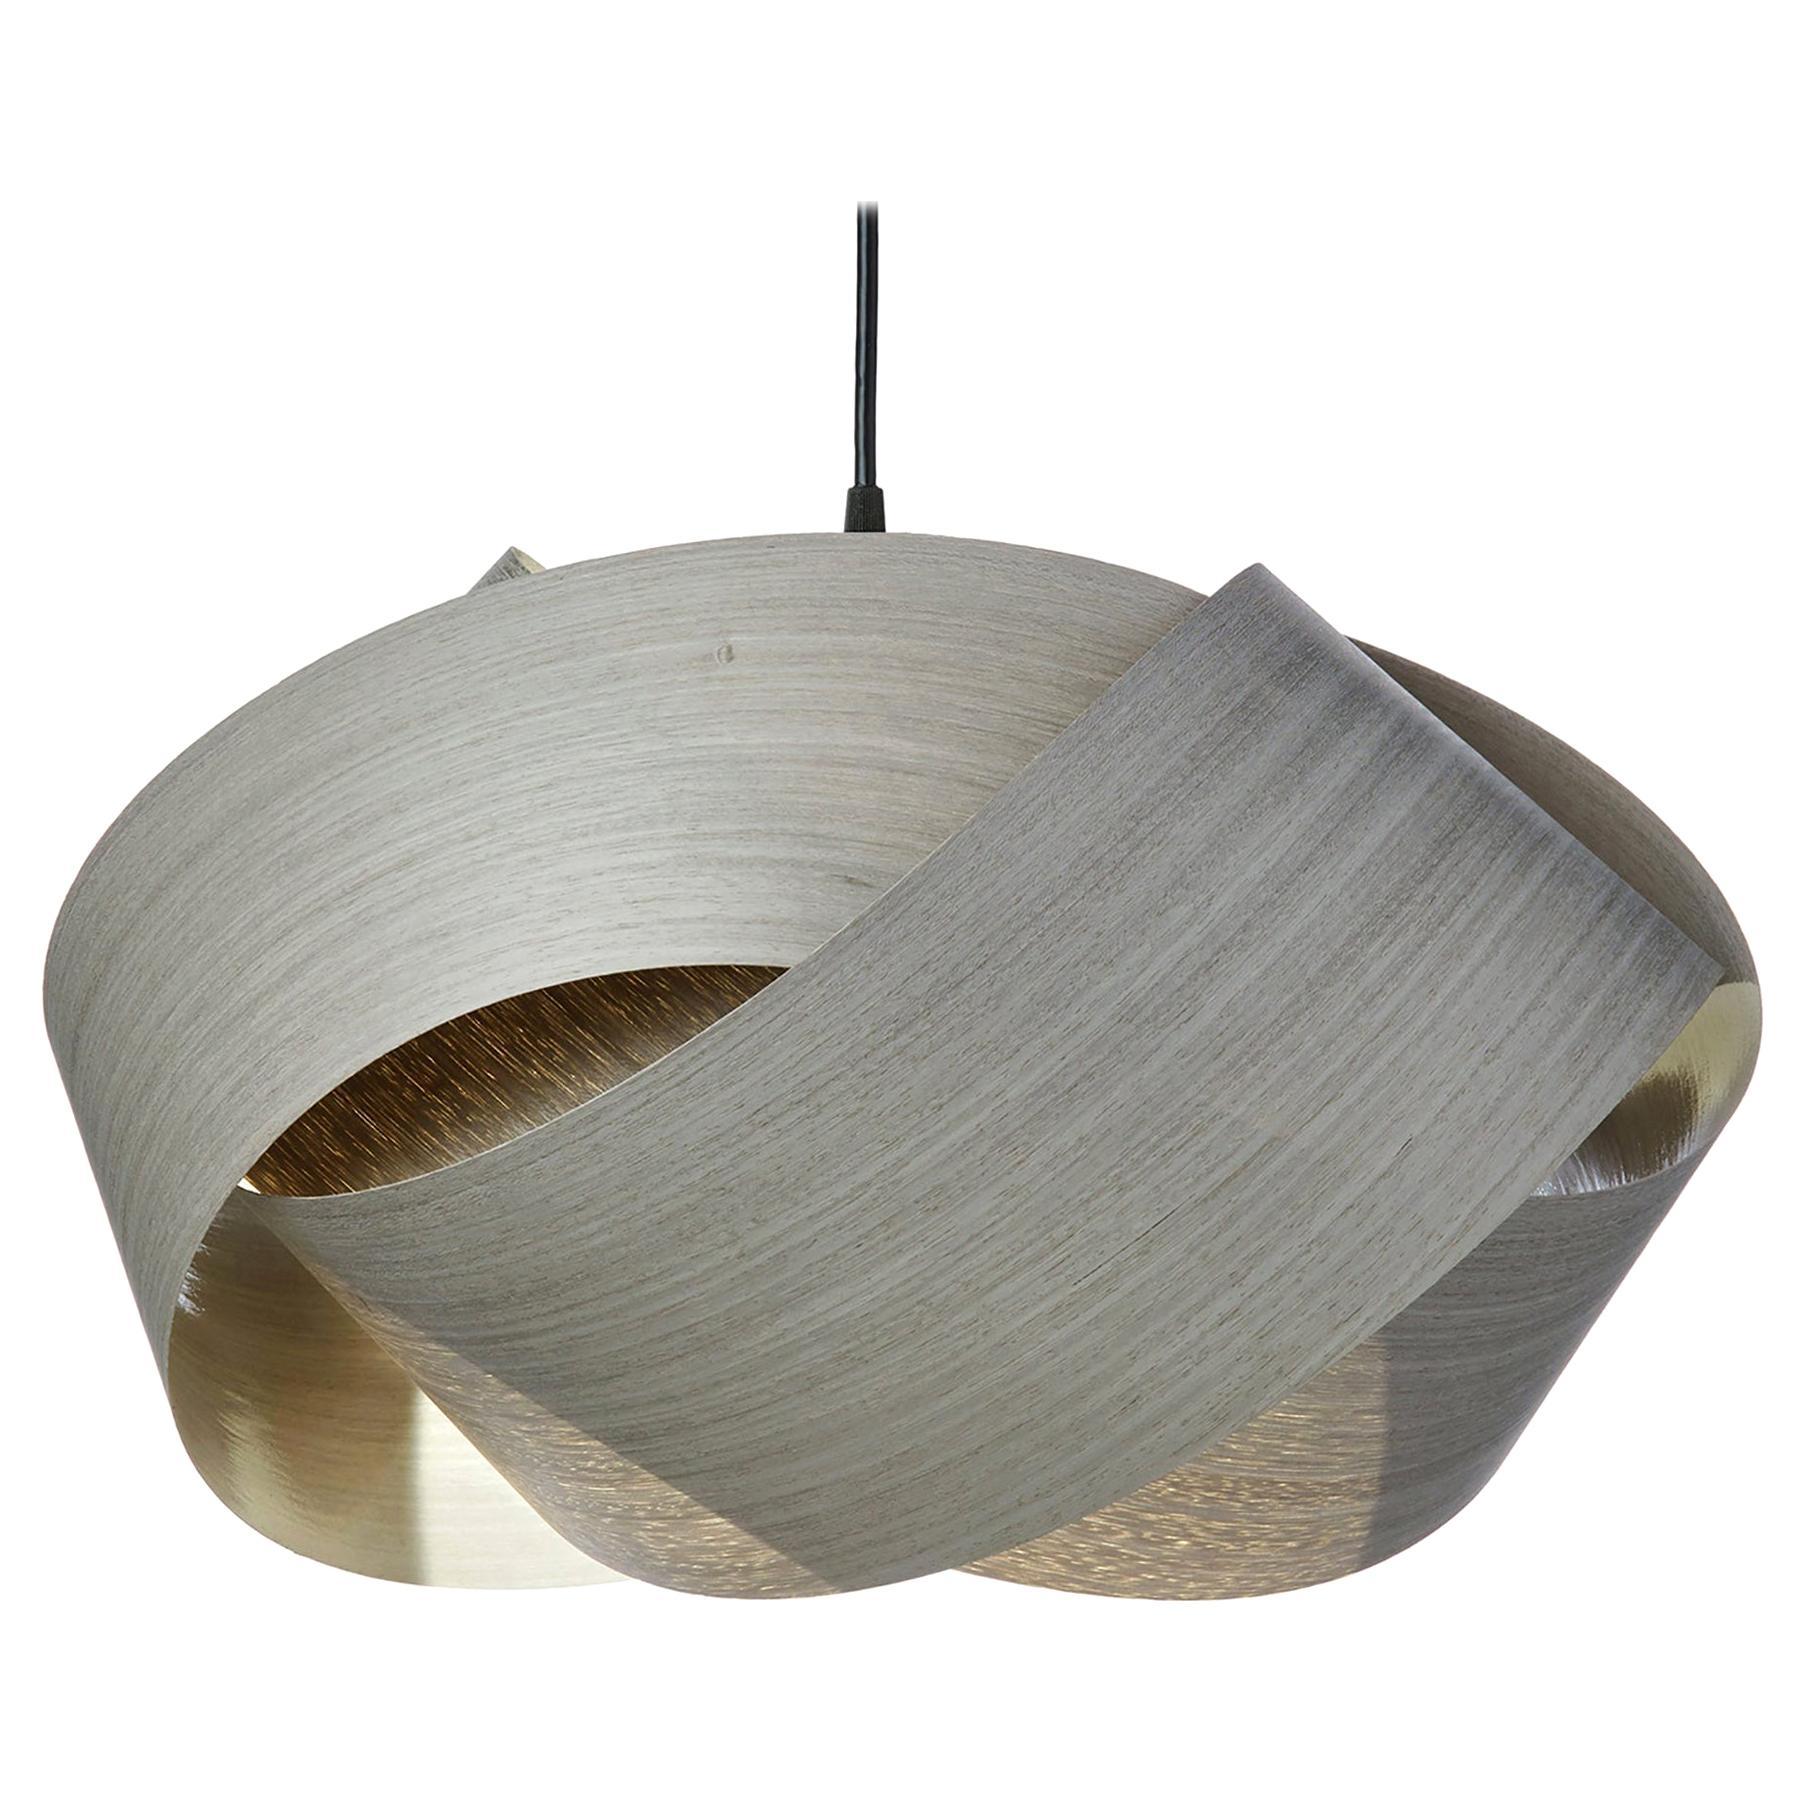 Organic modern gray wood veneer chandelier pendant